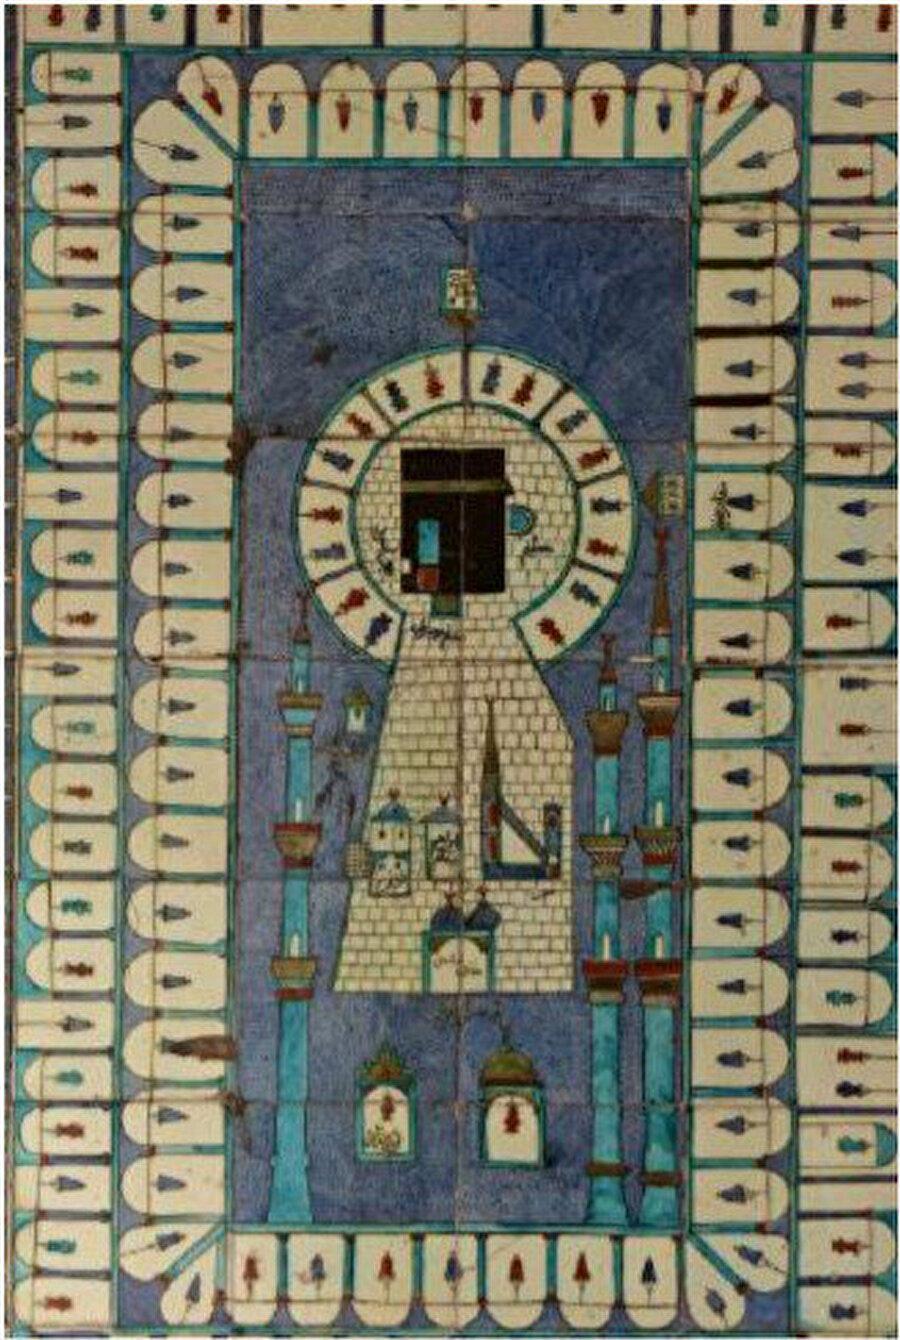 Topkapı Sarayı Valide Sultan Dairesi dua odasının kapısının yanındaki duvarda yer alan Kâbe tasvirli çini pano (1667)